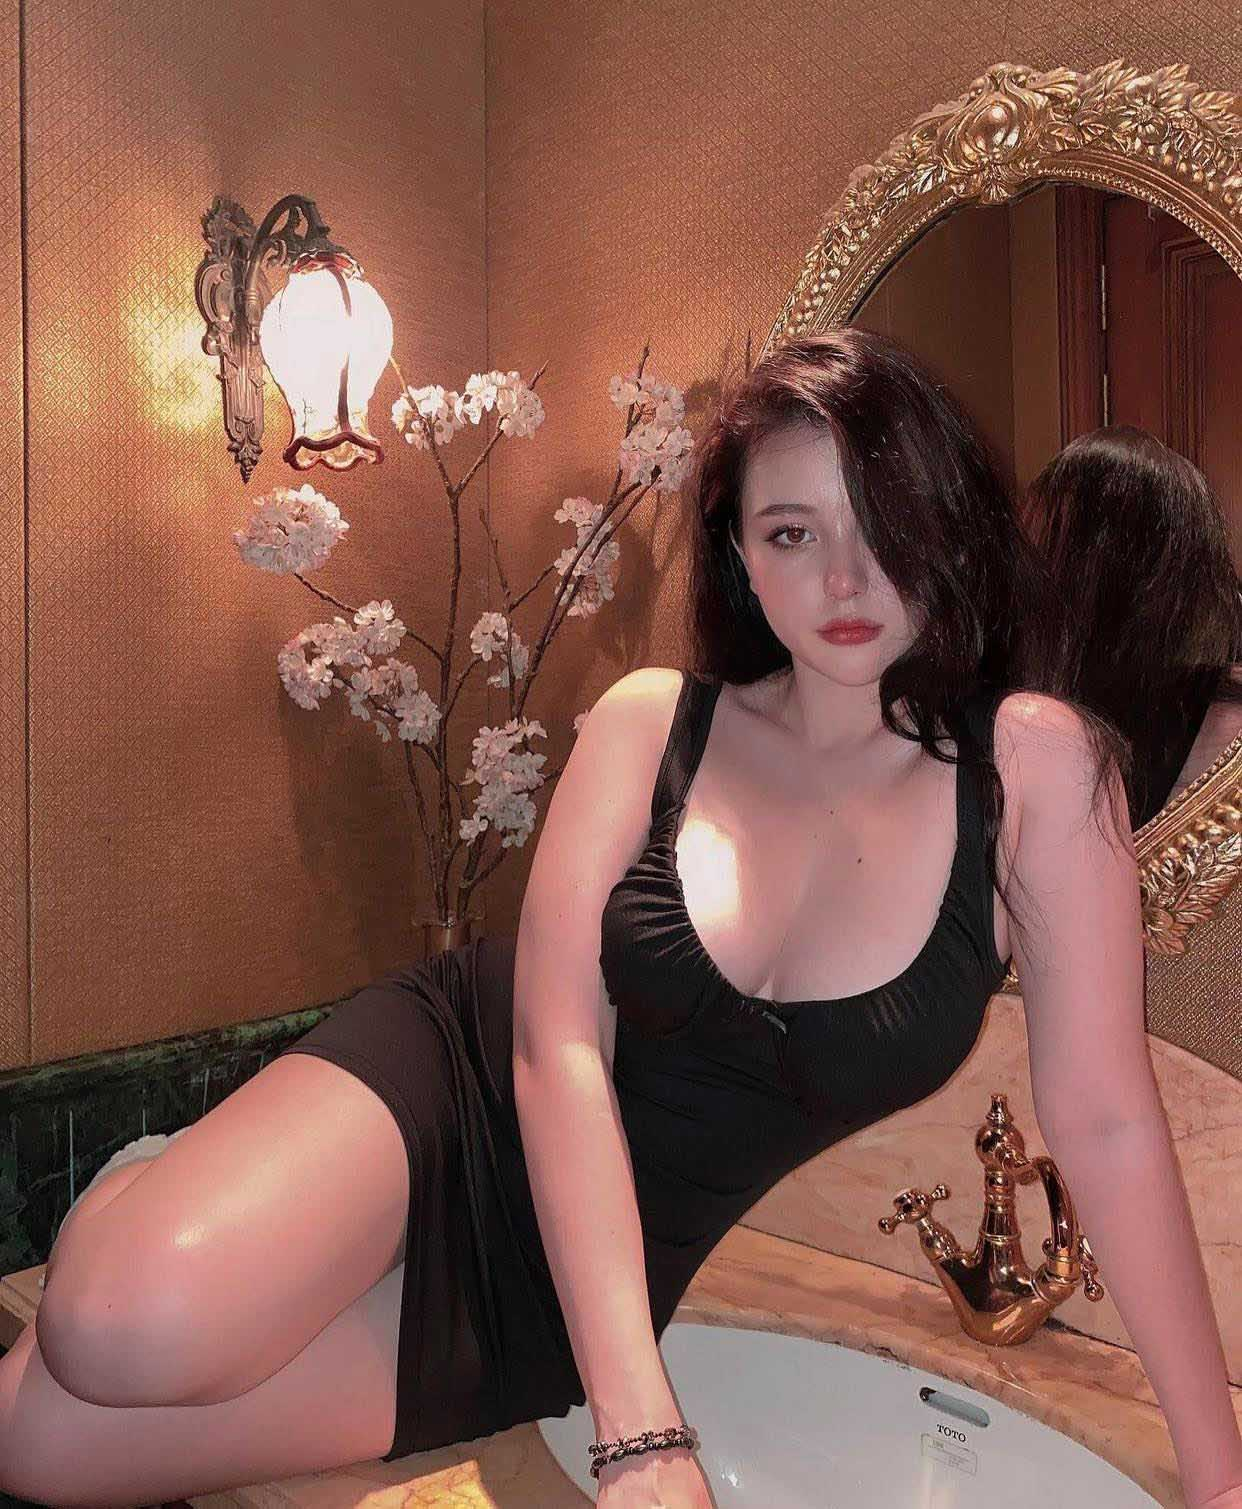 Nữ sinh lai Việt-Mỹ hot nhất Sài thành chuộng váy áo táo bạo tôn nét đẹp phồn thực - hình ảnh 3